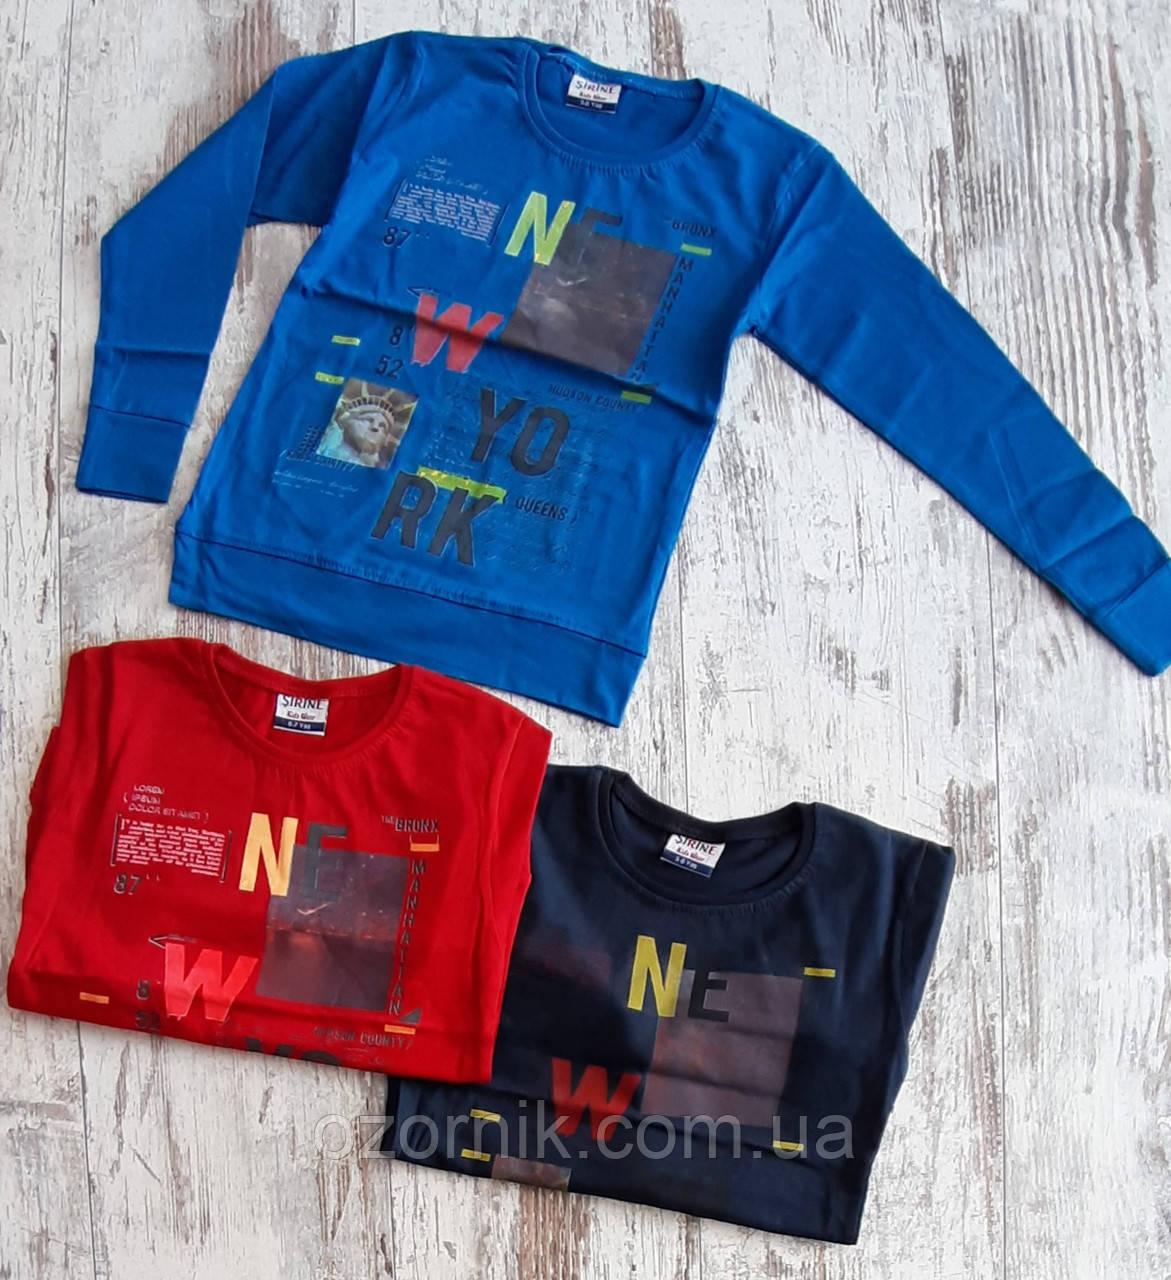 дитячі сорочки для хлопчиків оптом